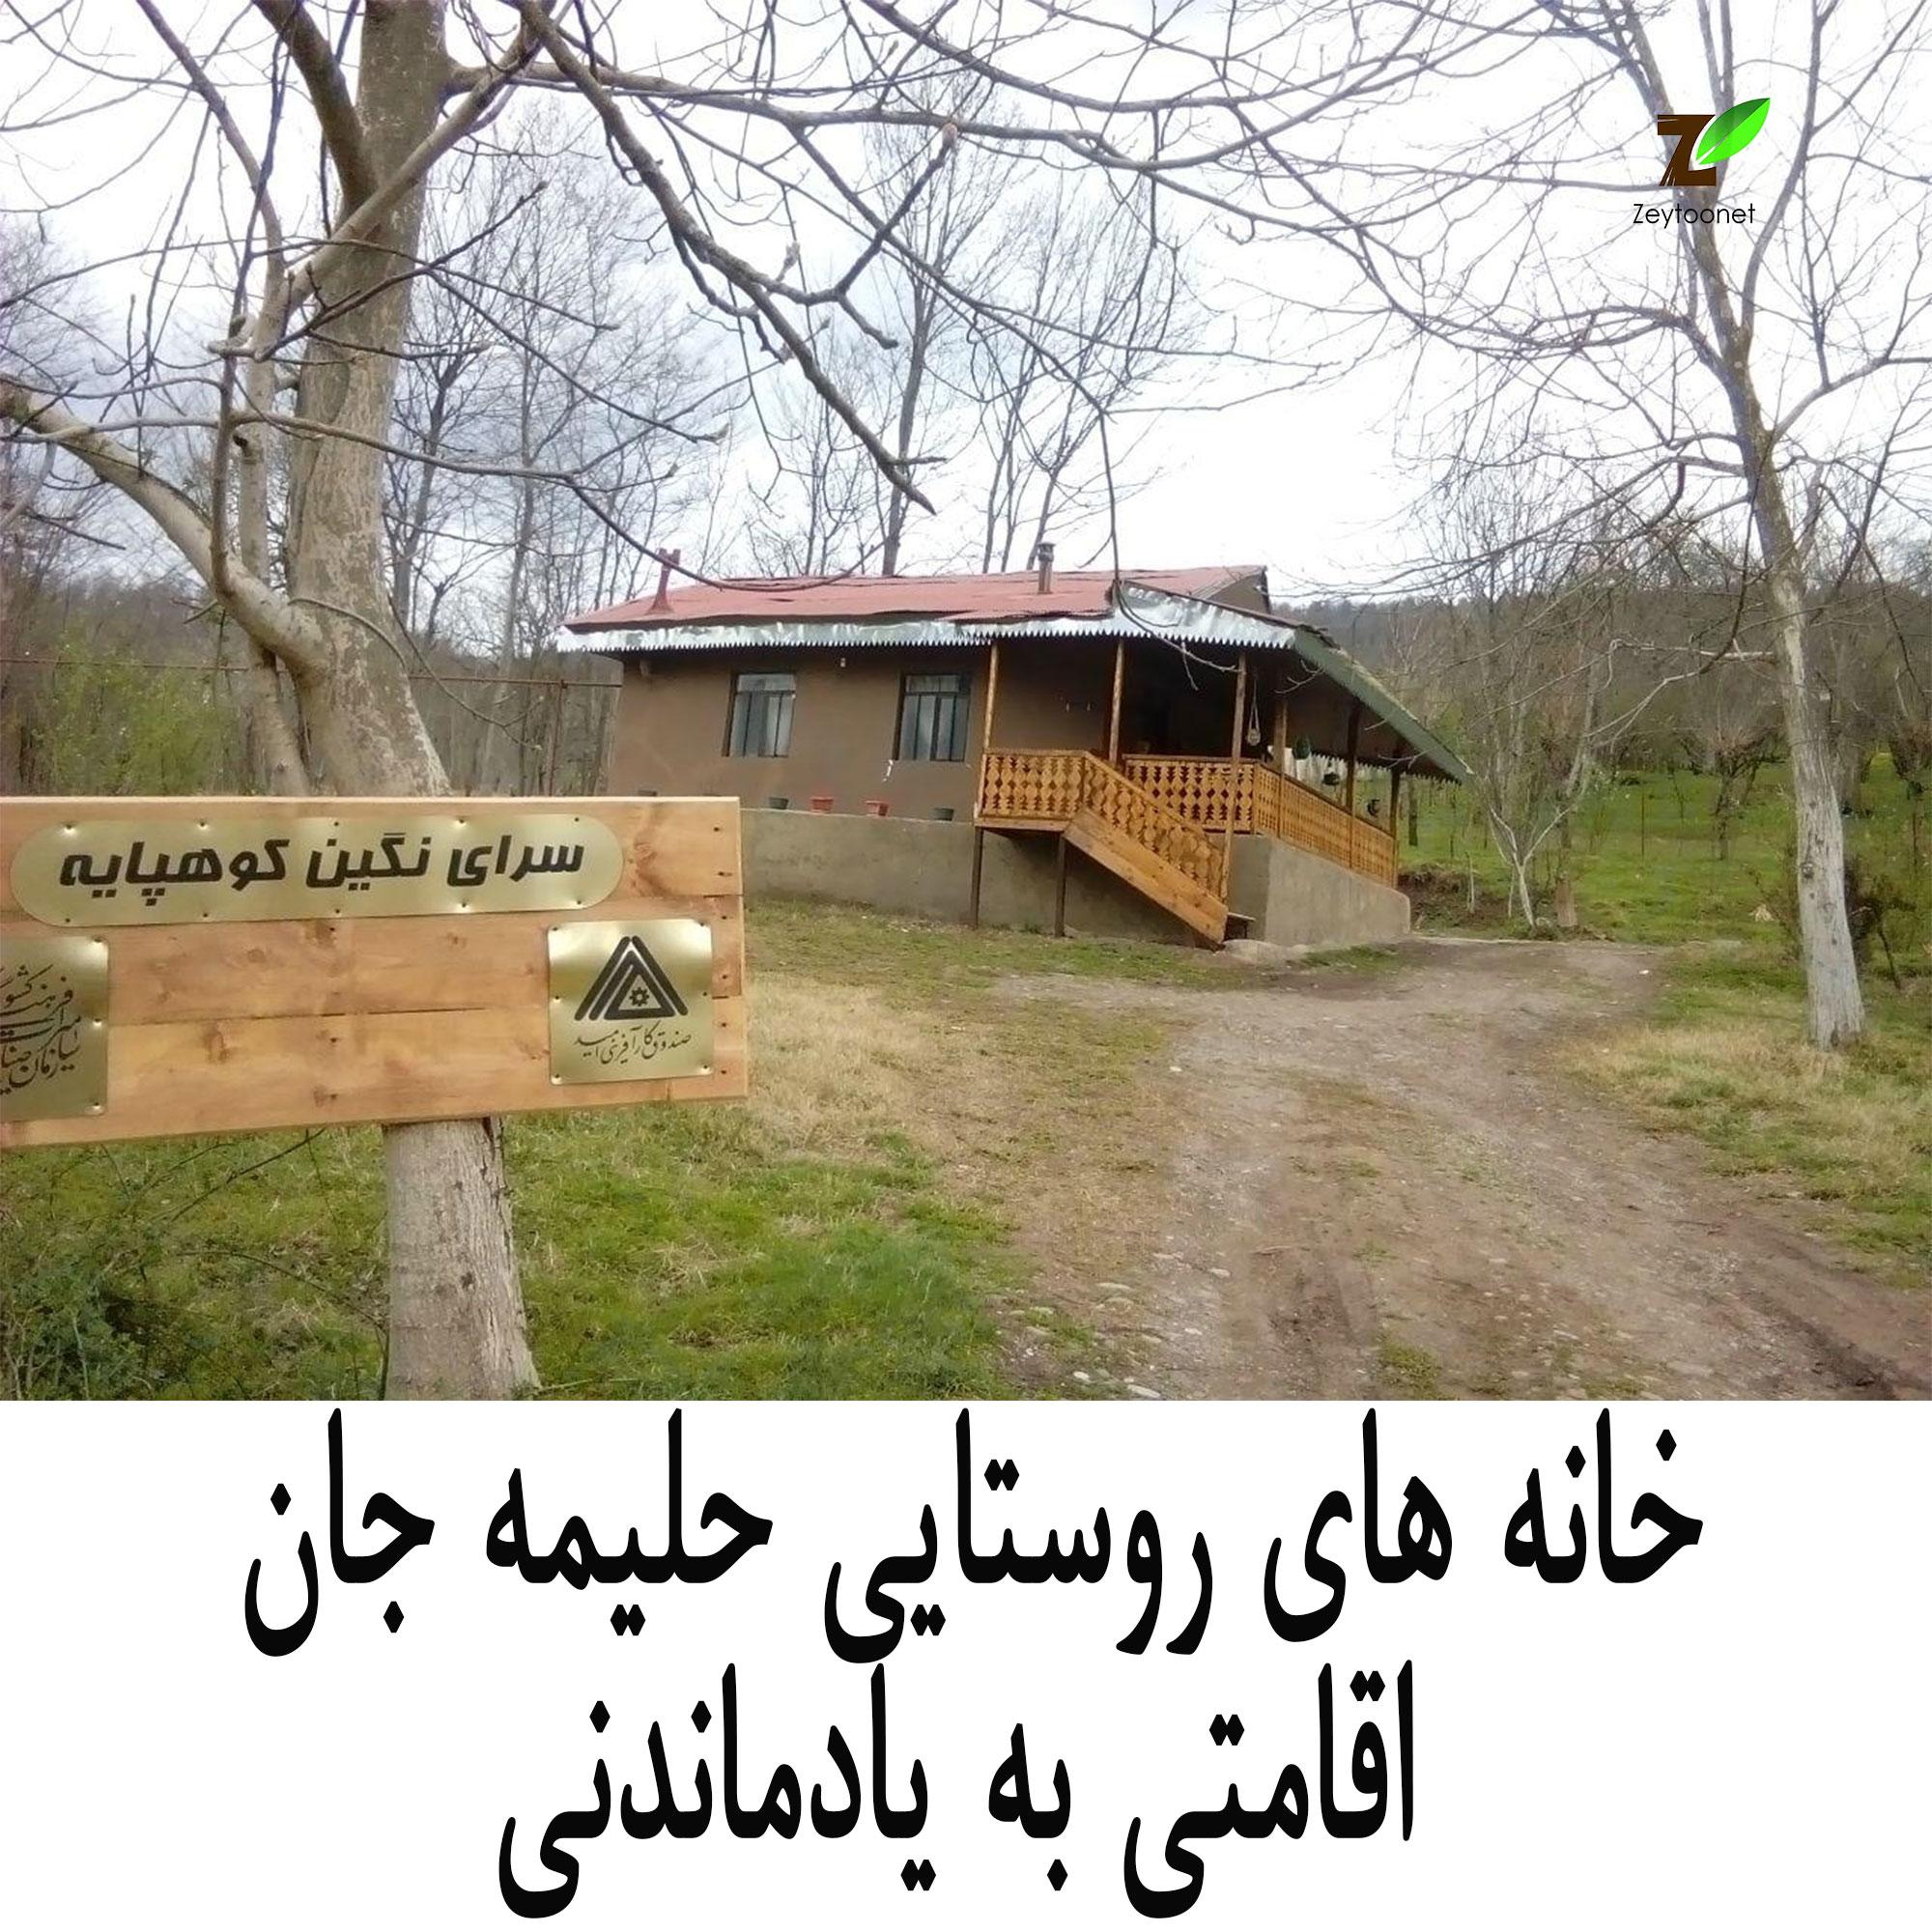 رزرو خانه روستایی در حلیمه جان